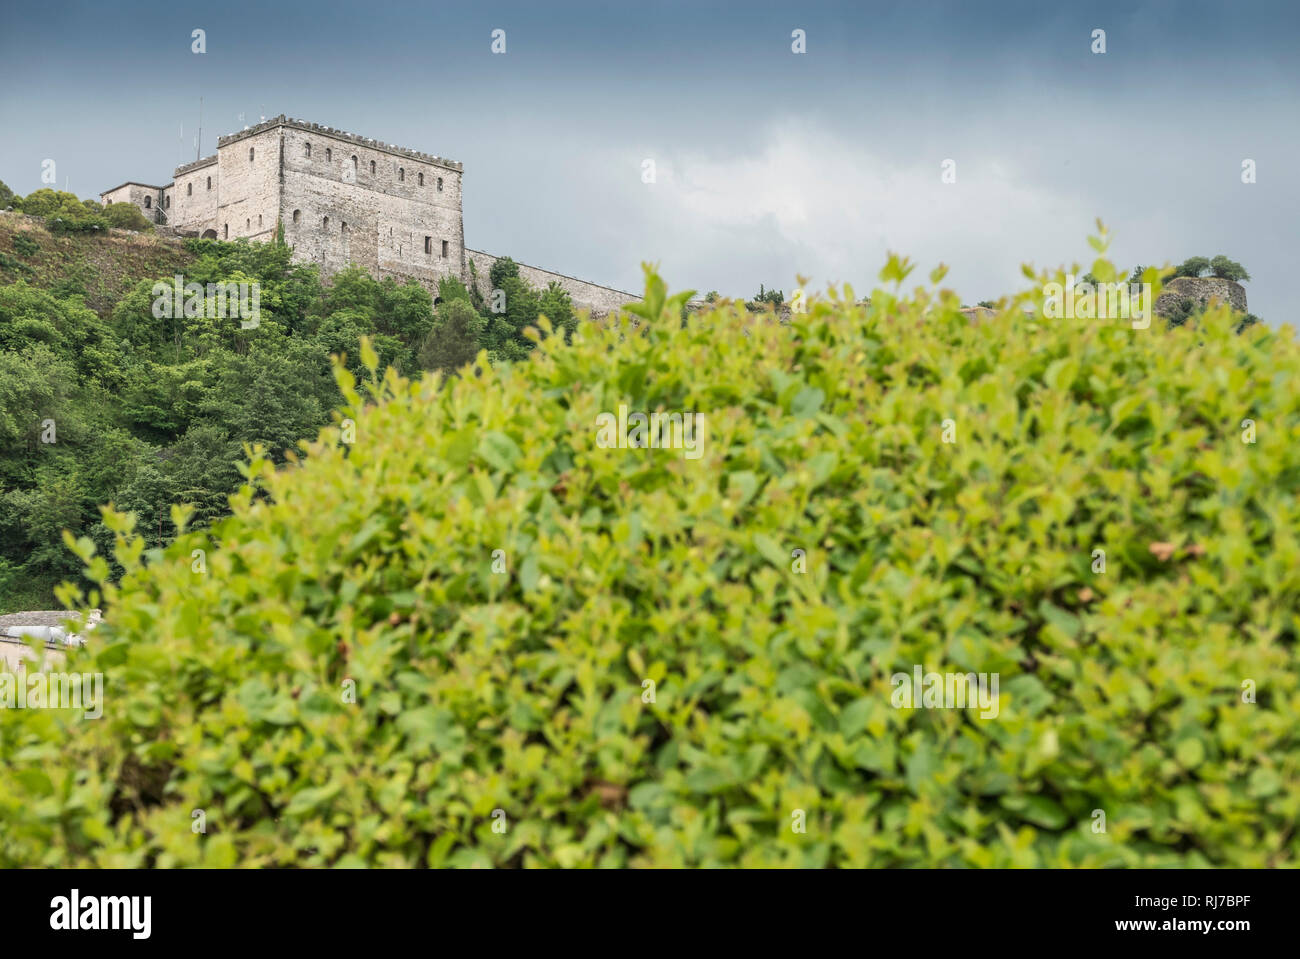 Albanien, Balkanhalbinsel, Südosteuropa, Republik Albanien, Gjirokastra, UNESCO-Welterbe, Qarks, Altstadt, - Stock Image